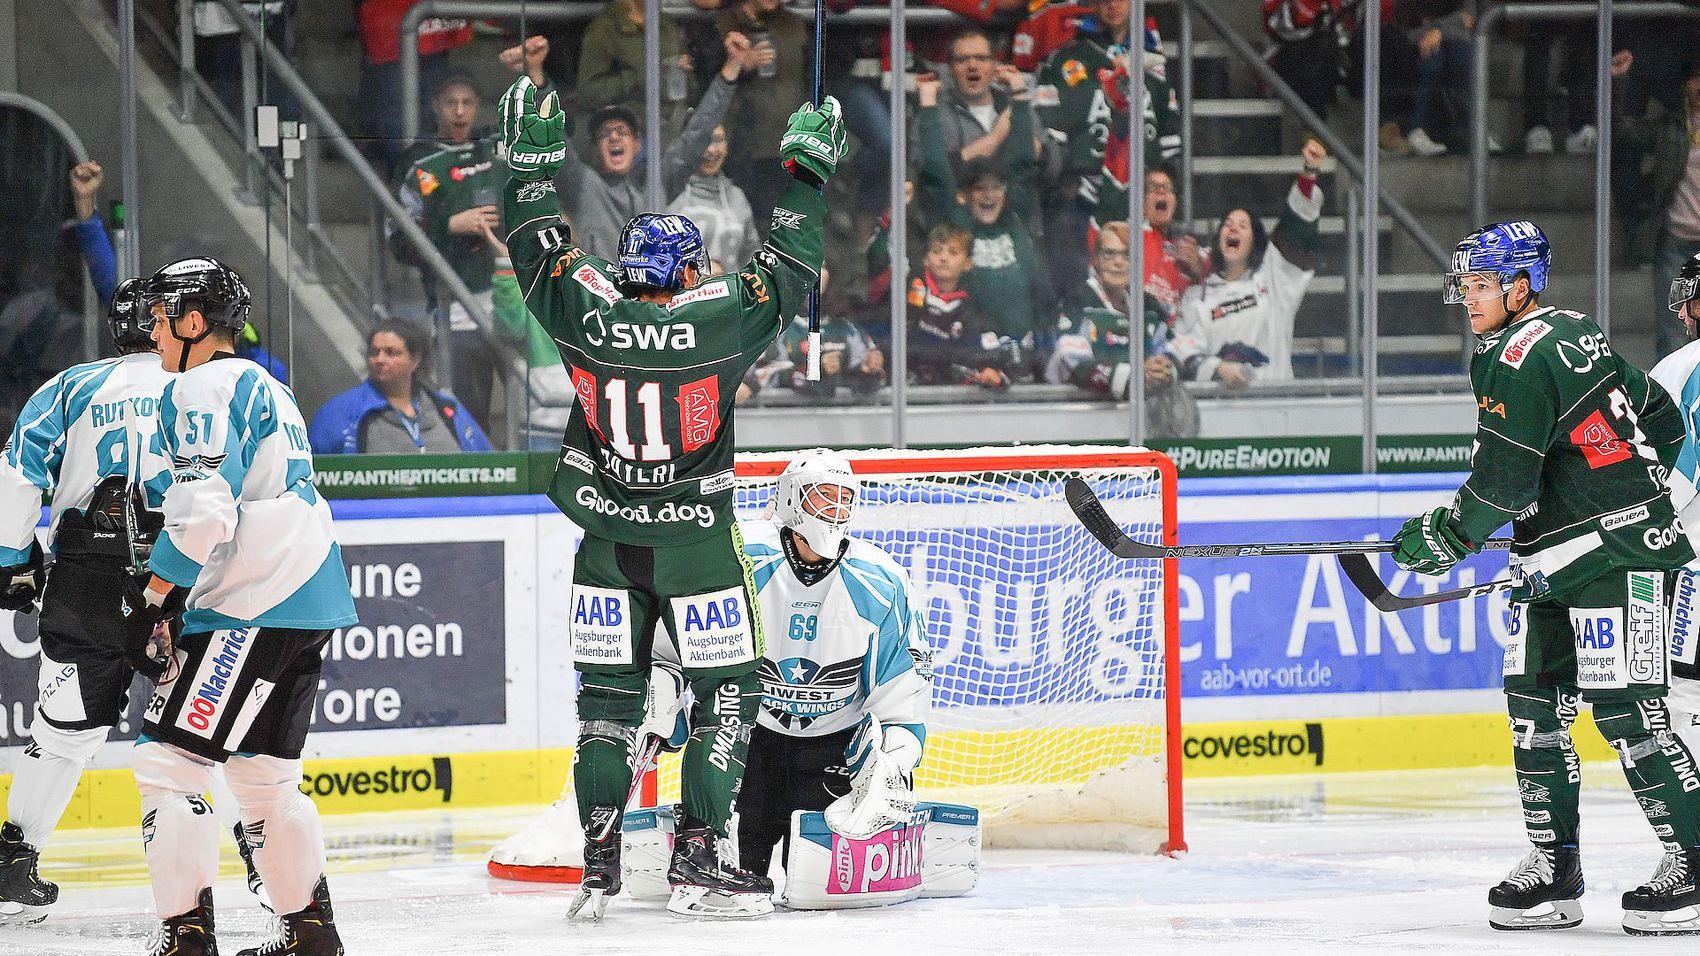 Heimspiel - Panther testen gegen Linz